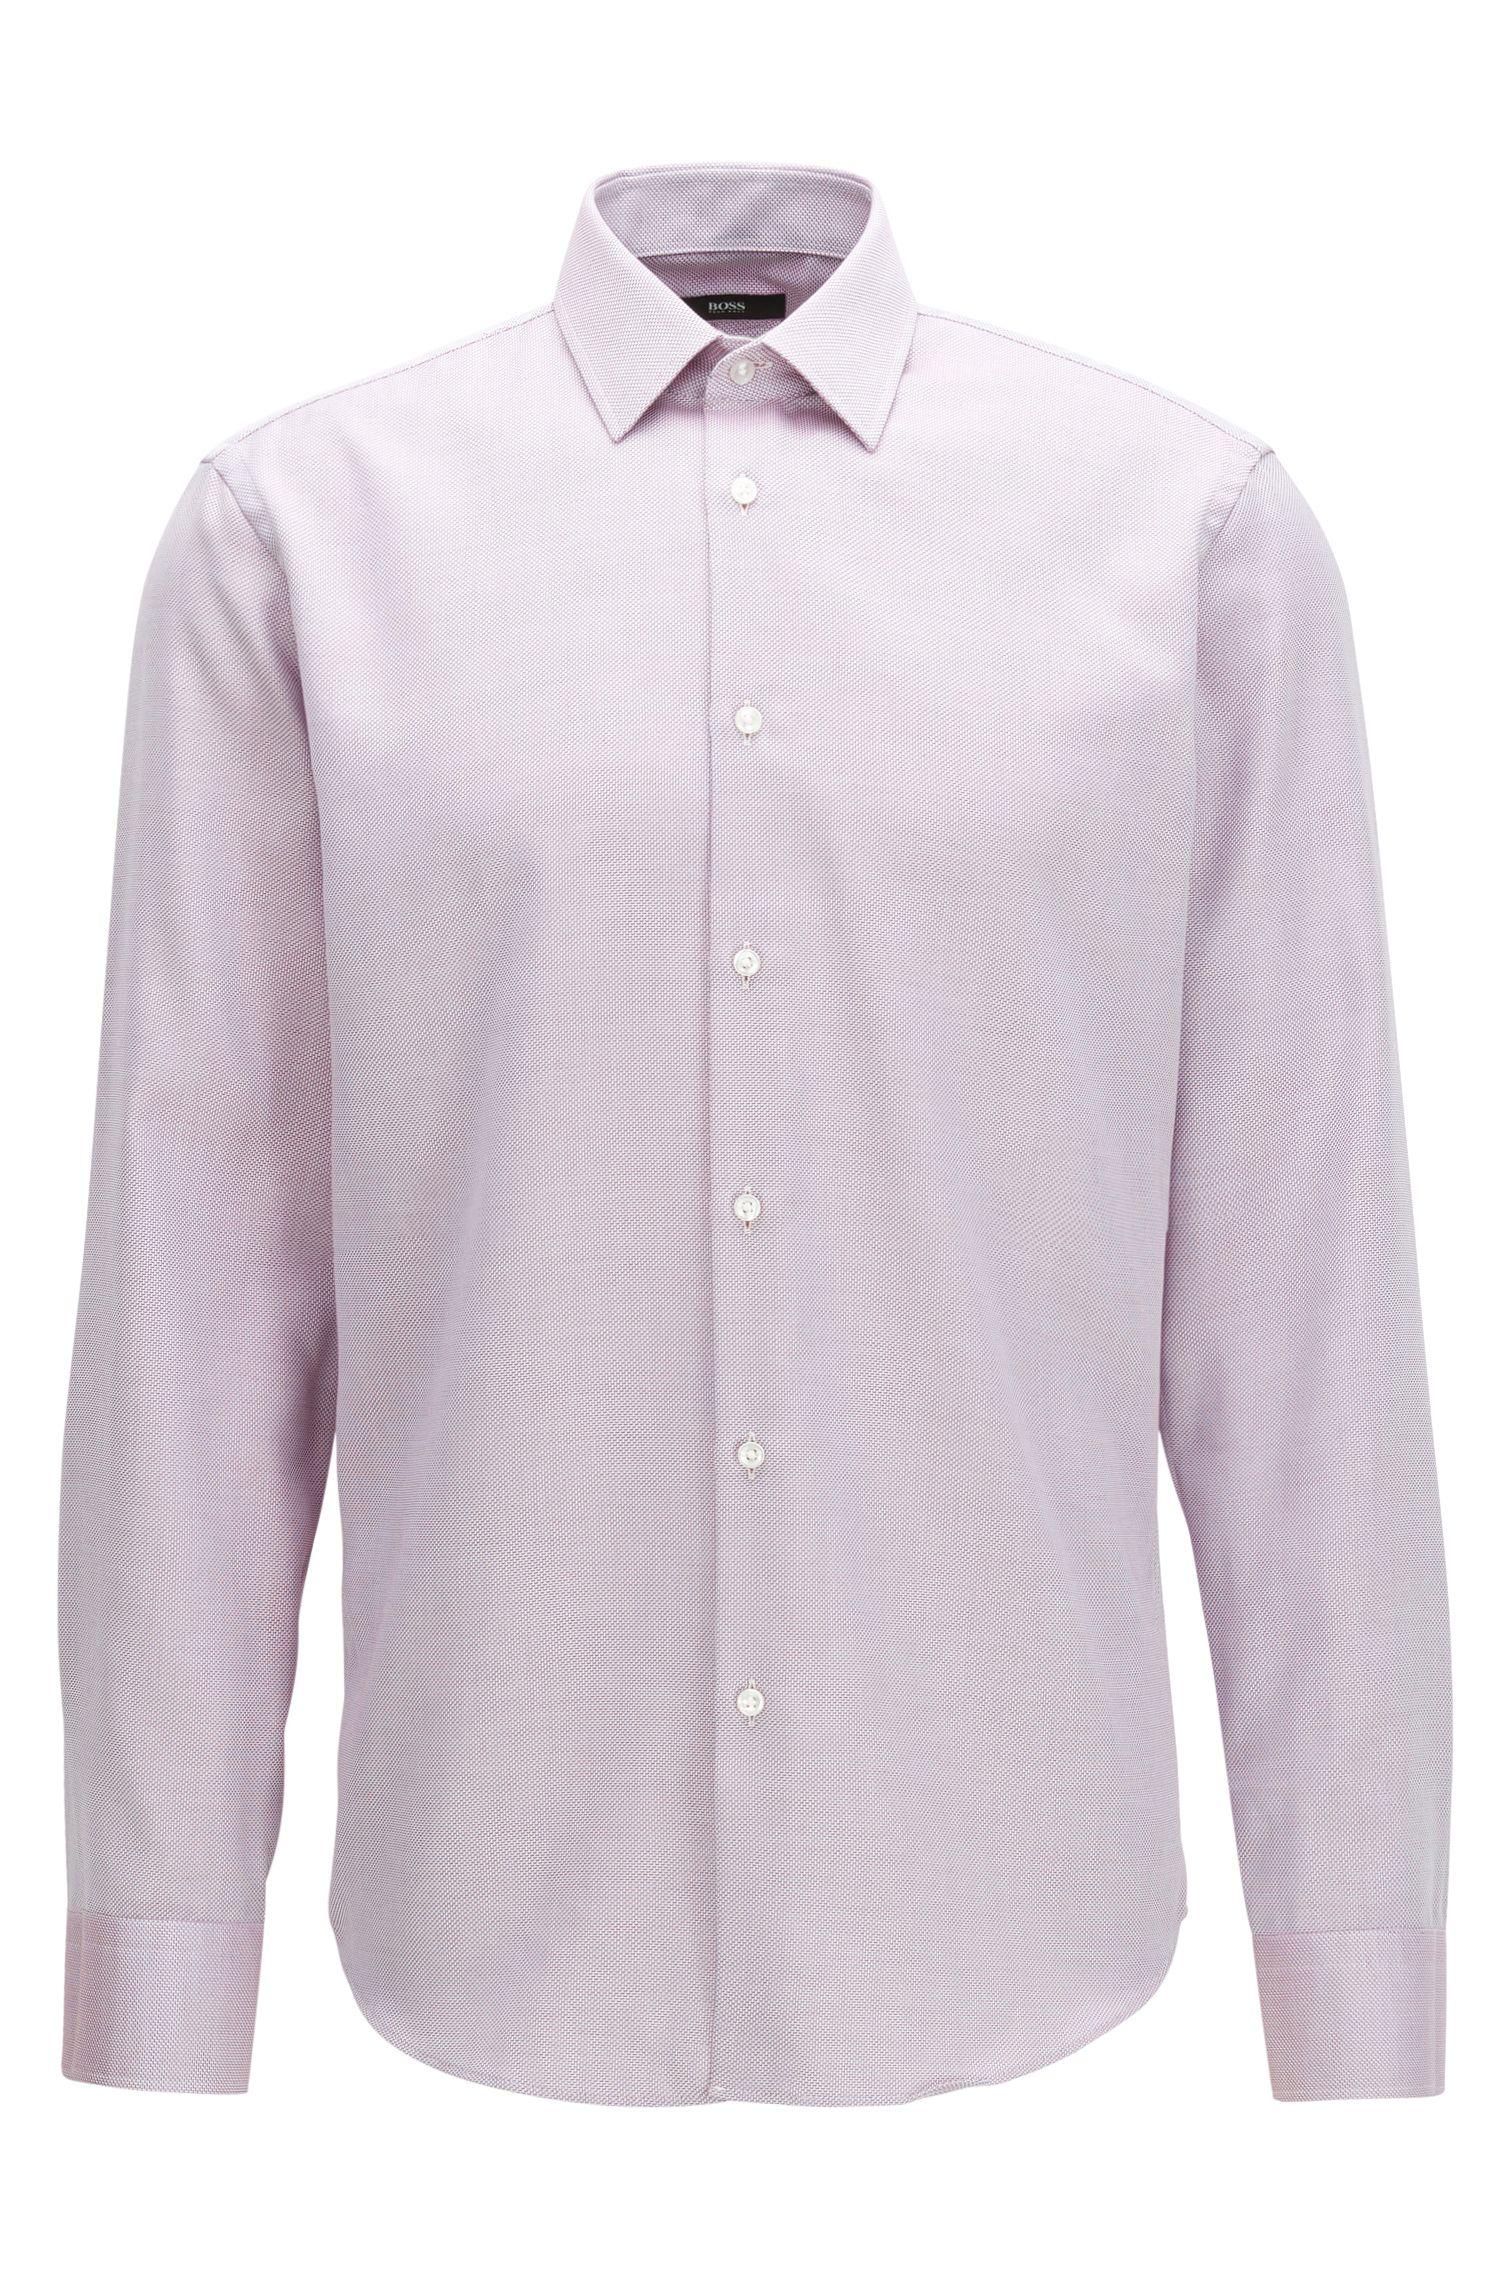 'Enzo' | Regular Fit, Cotton Dress Shirt